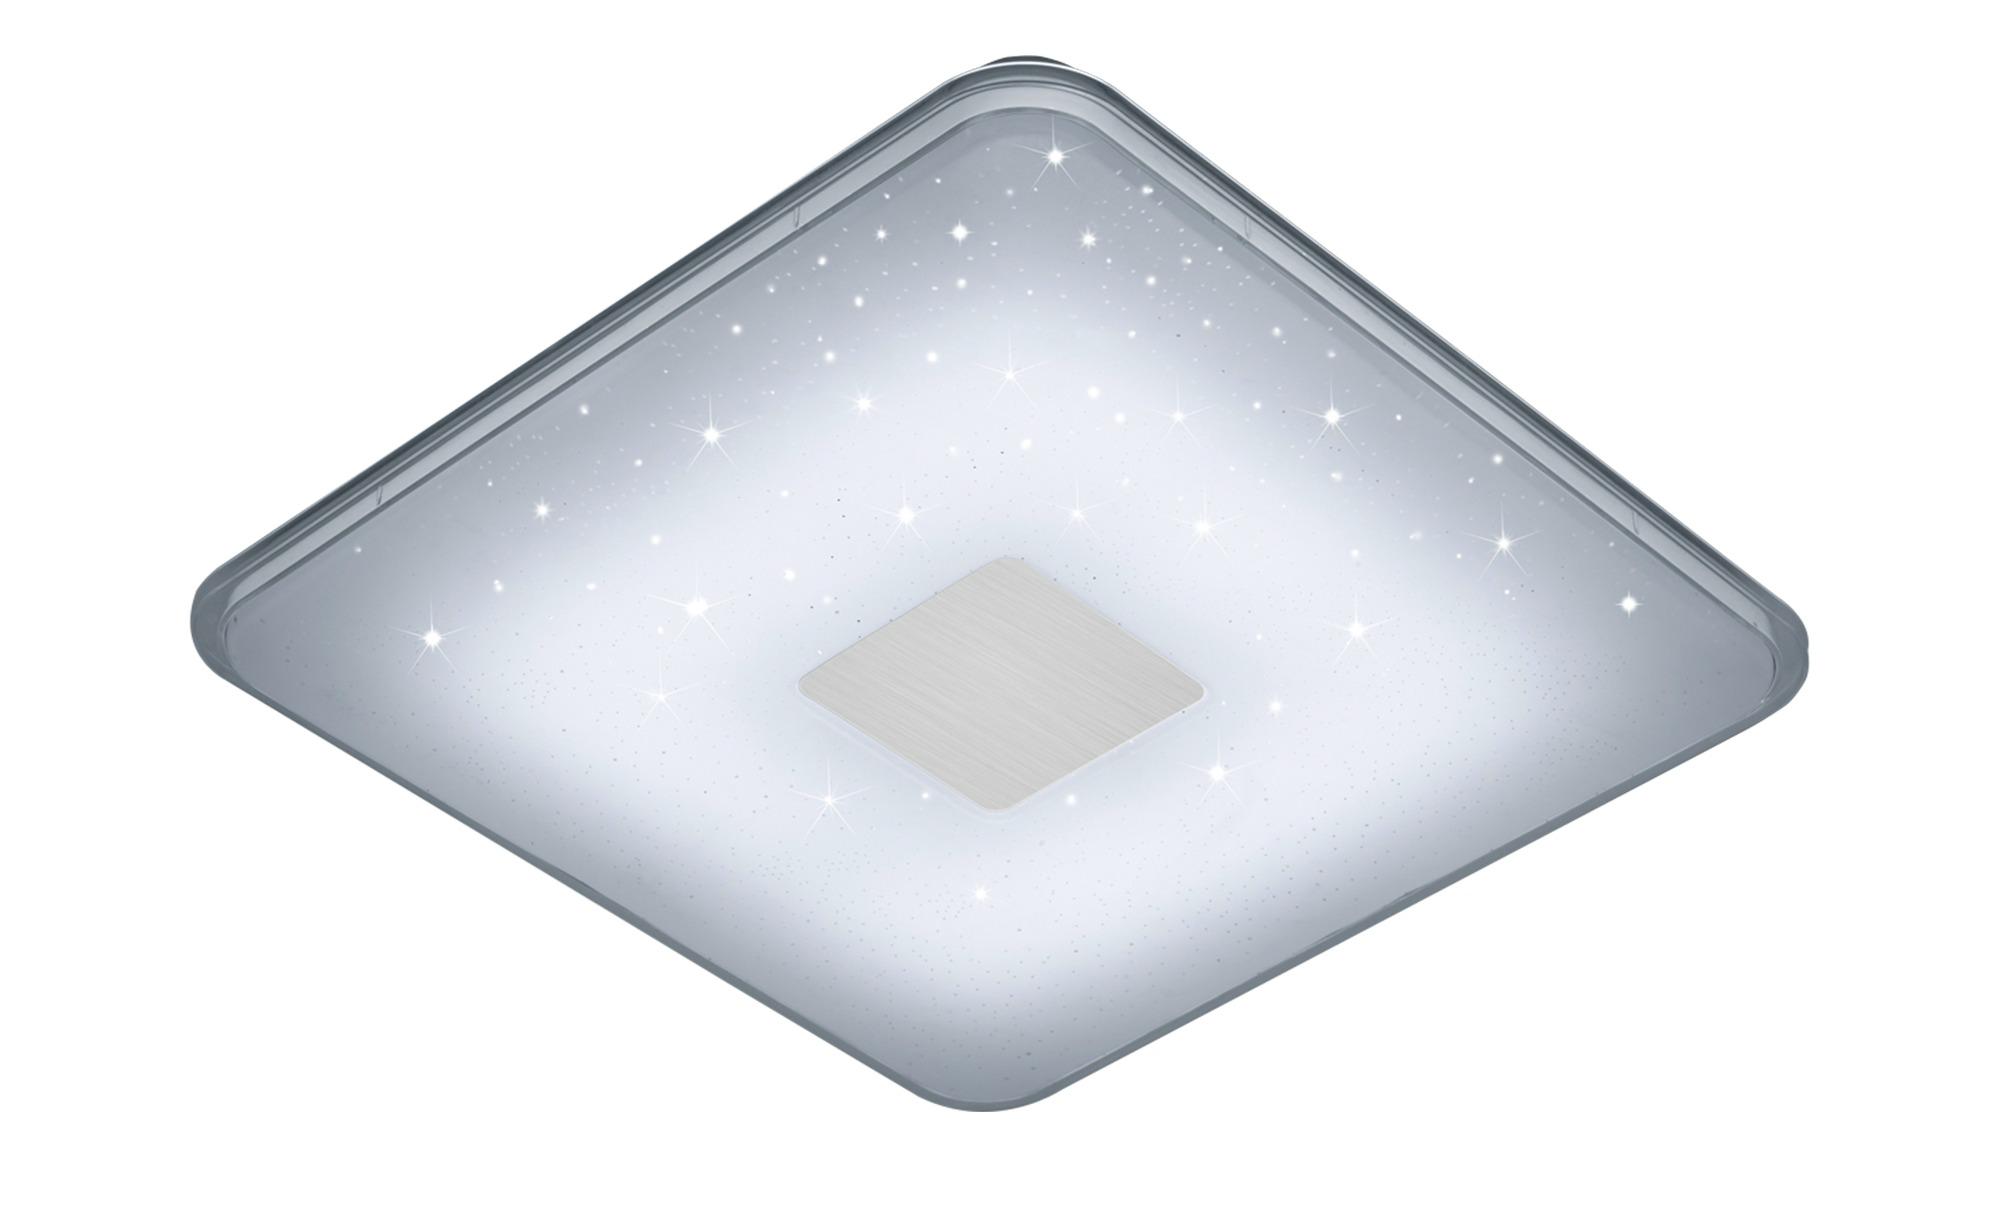 Trio LED-Deckenleuchte, Glas mit Effekt ¦ weiß ¦ Maße (cm): B: 42,5 H: 6 Lampen & Leuchten > Innenleuchten > Deckenleuchten - Höffner